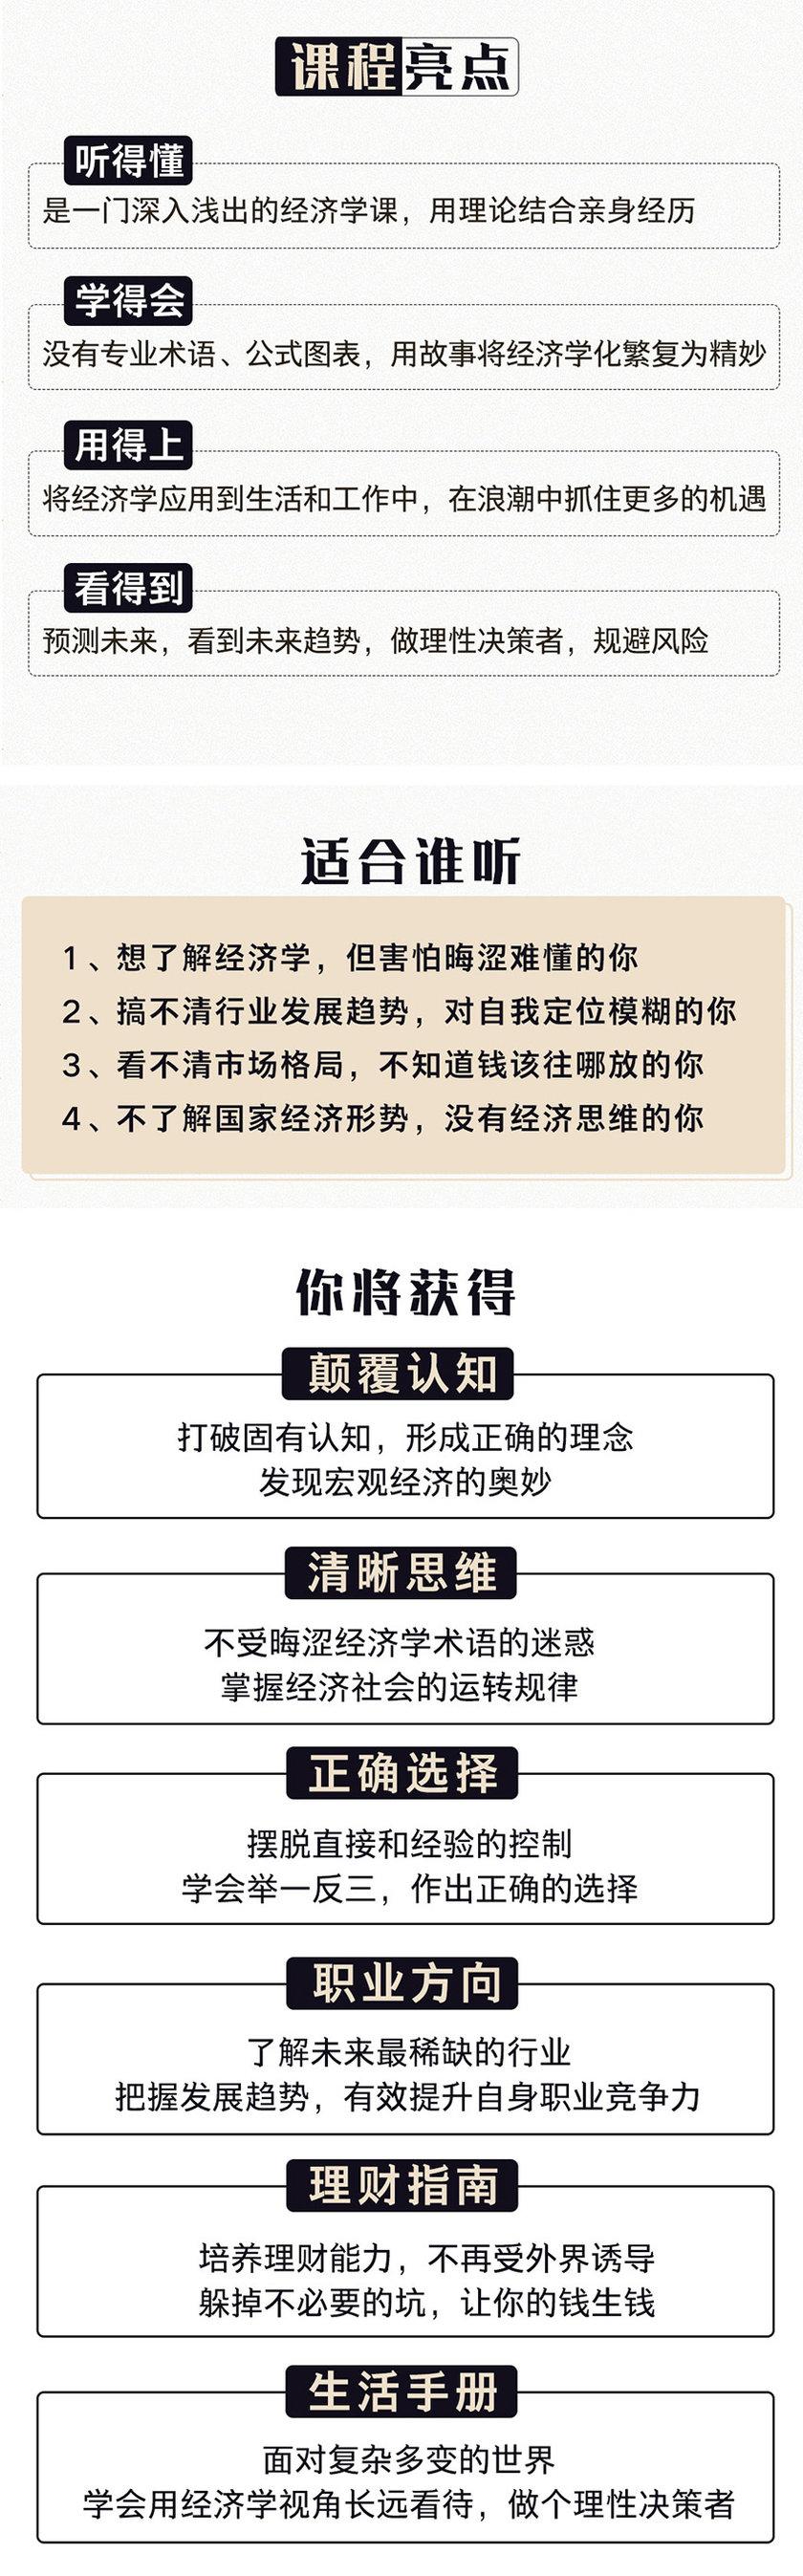 教程_浑华传授讲经济 带您捉住财富